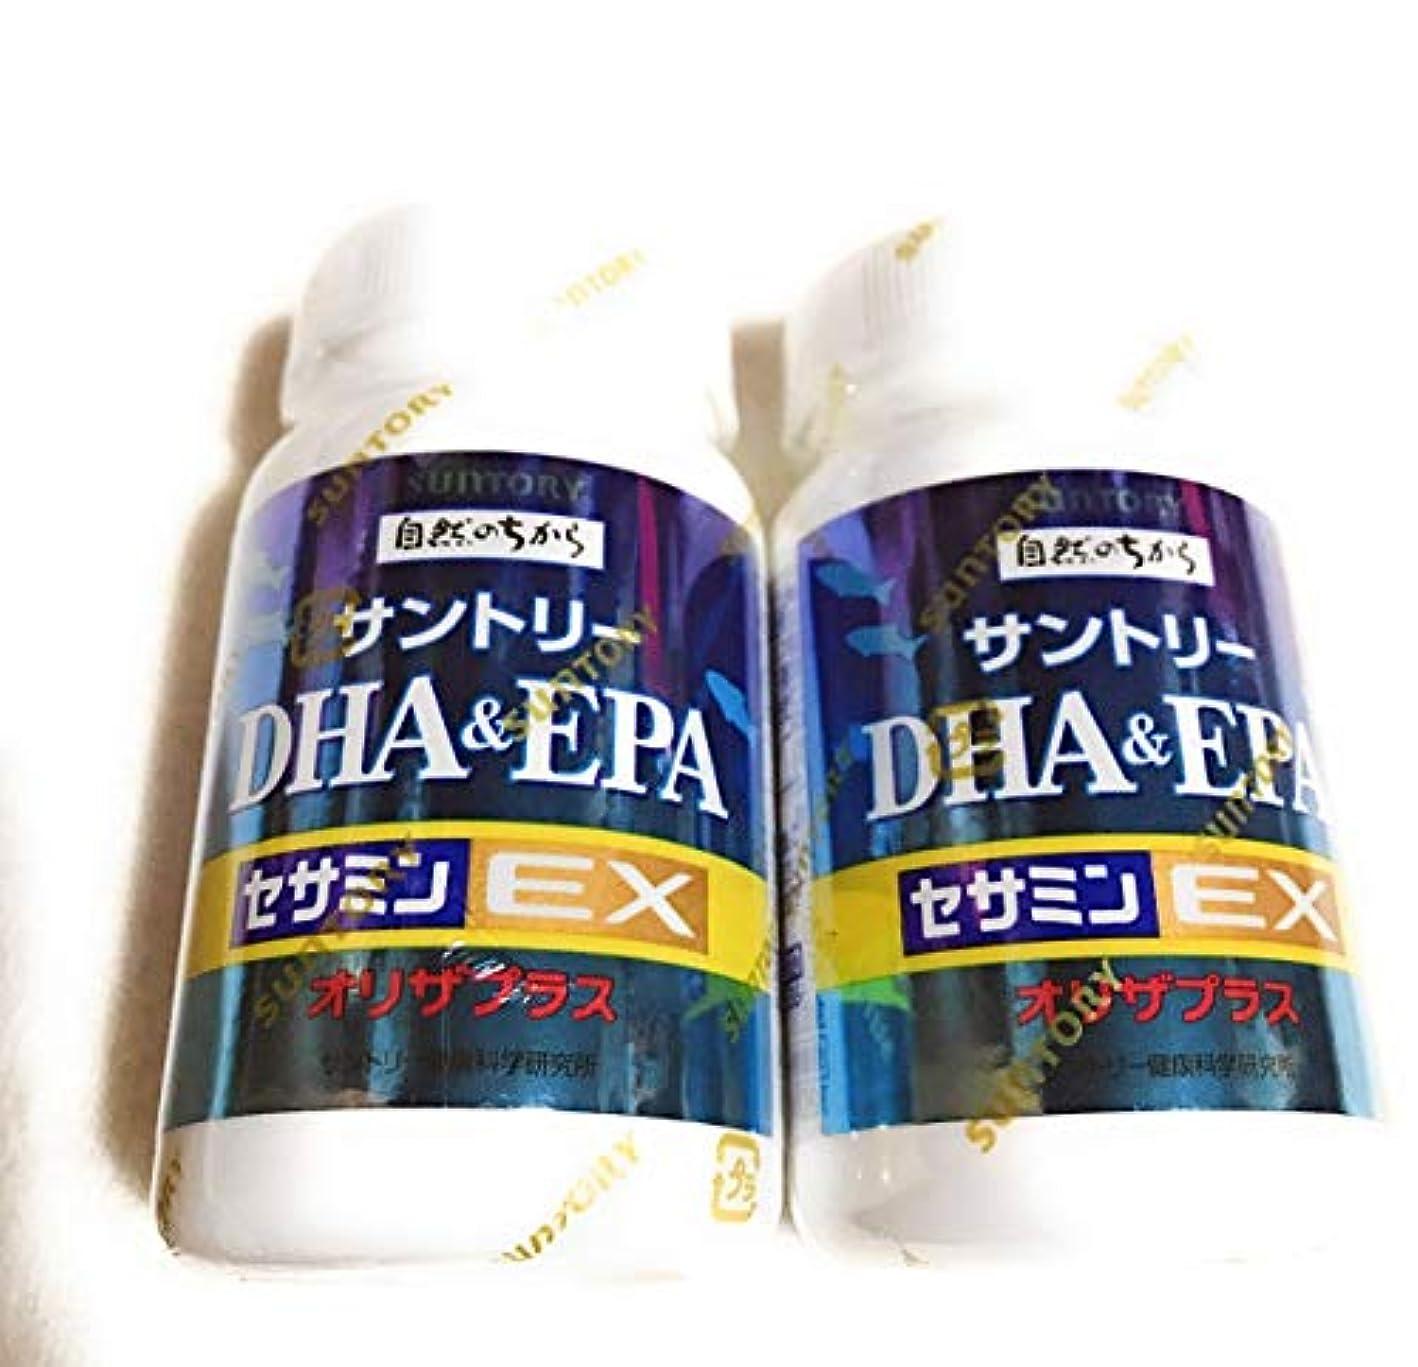 コンチネンタル削減令状サントリー DHA&EPA+セサミンEX 120粒 2本セット